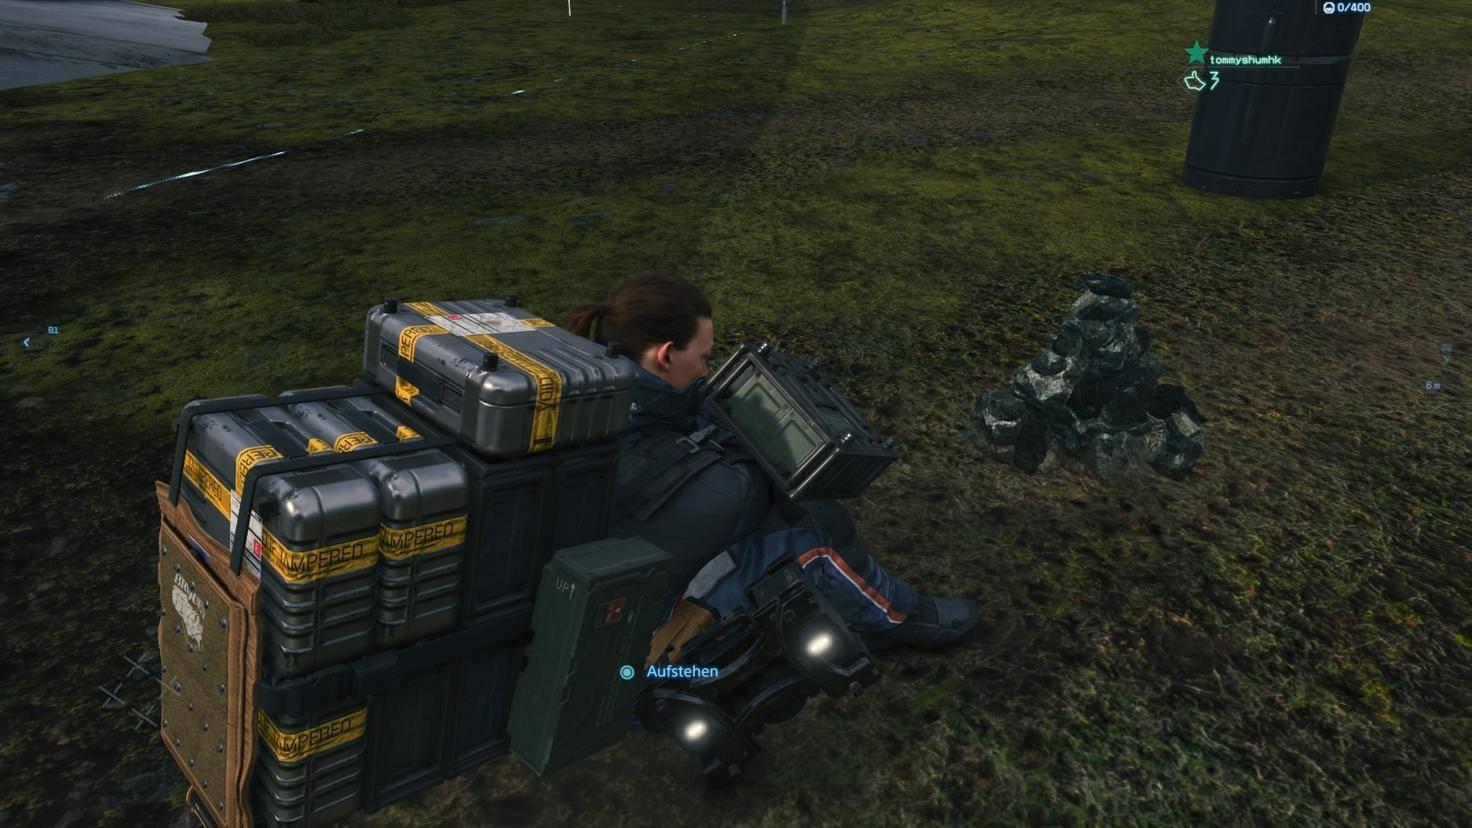 death-stranding-rast-steinhaufen-screenshot